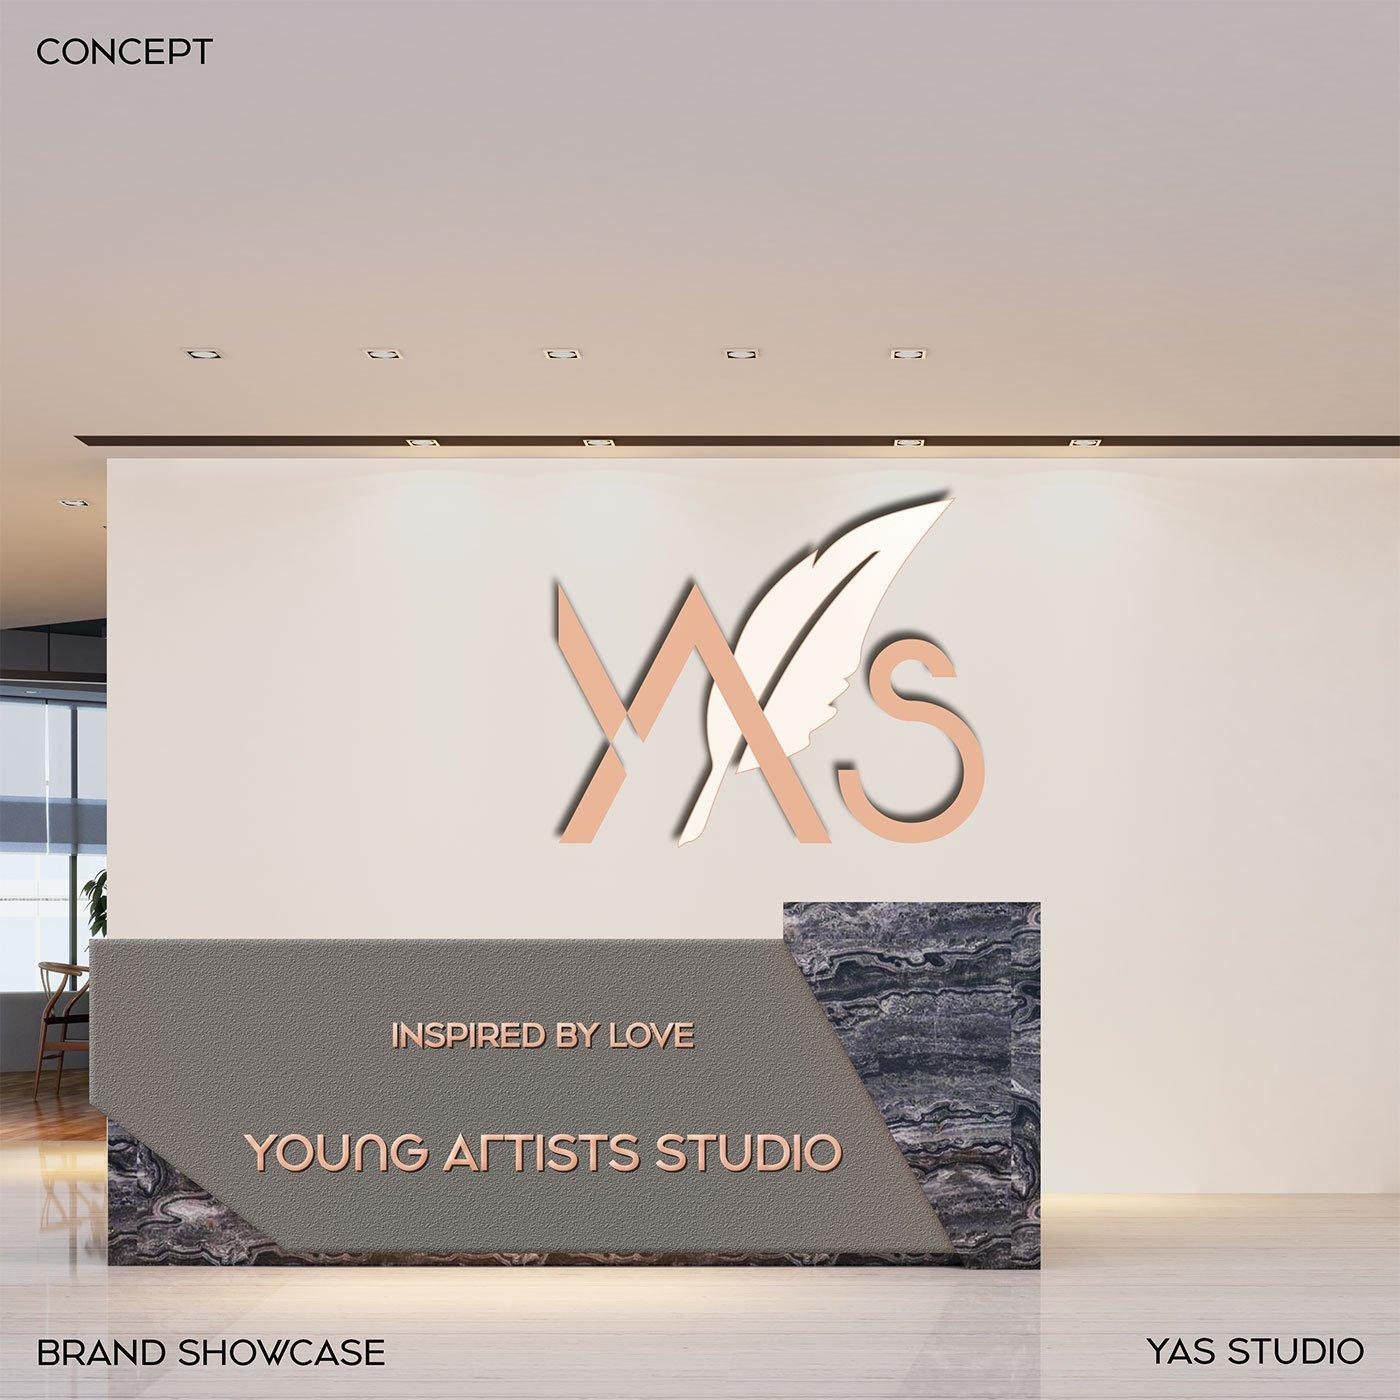 văn phòng YAS Young Artists Studio-quảng-bá-thương-hiệu-thiết-kế-branding-cho-thương-hiệu YAS-xây-dựng-logo-doanh-nghiệp-thiết-kế-ấn-phẩm-quảng-cáo-thương-hiệu-thiết-kế-Helixgram